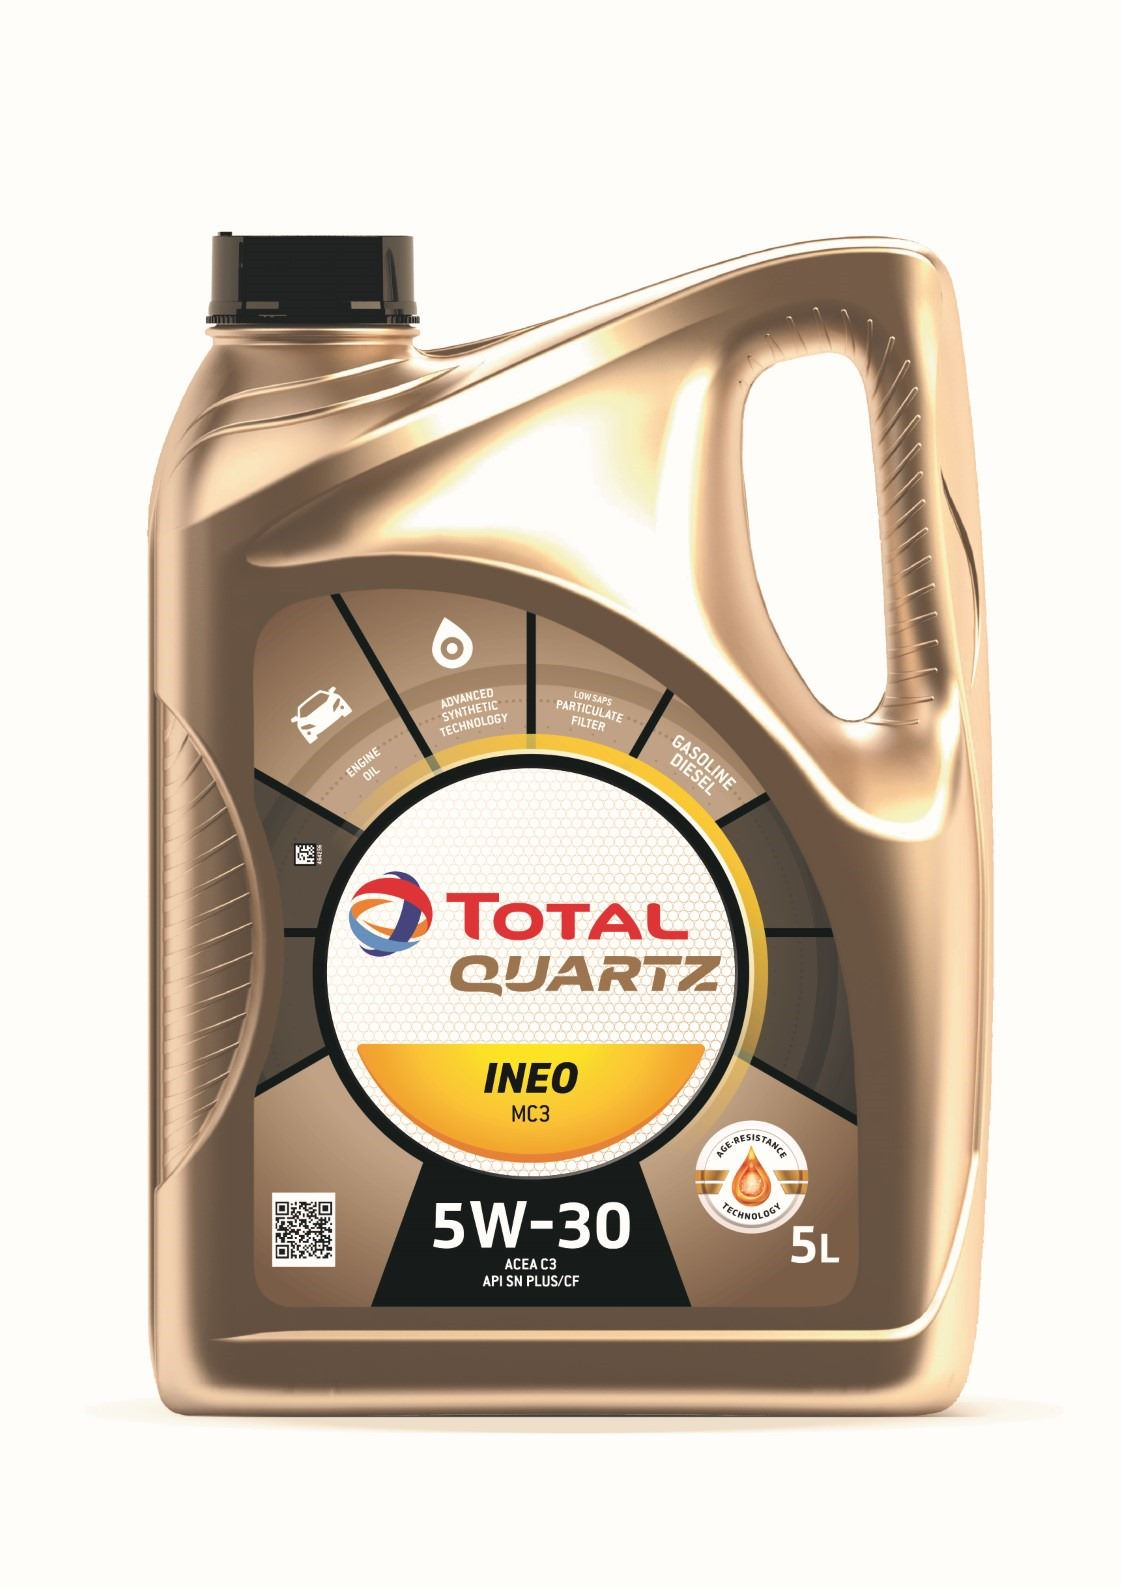 https://commercial.fordfuels.co.uk/wp-content/uploads/sites/10/Quartz-MC3-5w-30-318x450.jpg+https://commercial.fordfuels.co.uk/wp-content/uploads/sites/10/Quartz-MC3-5w-30-636x900.jpg